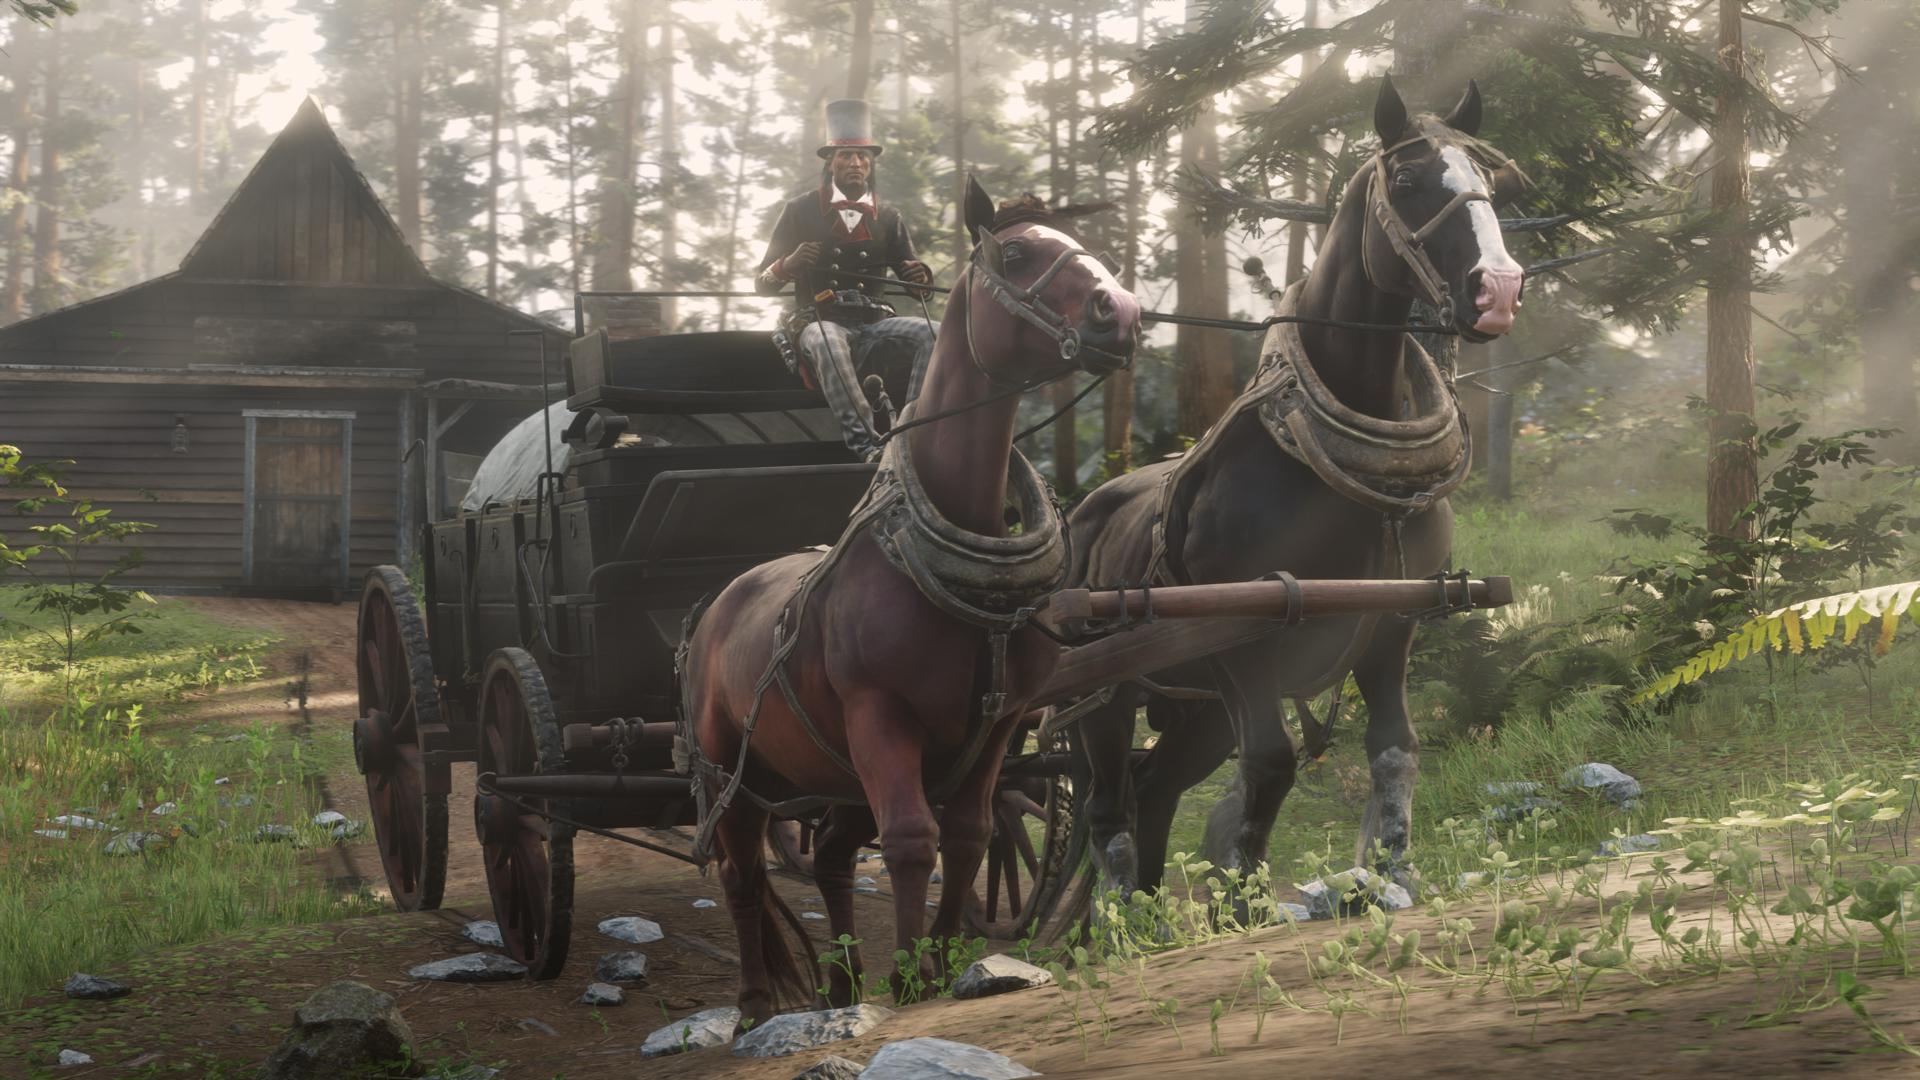 《荒野大镖客2》线上模式迎来更新,推荐使用迅游加速器